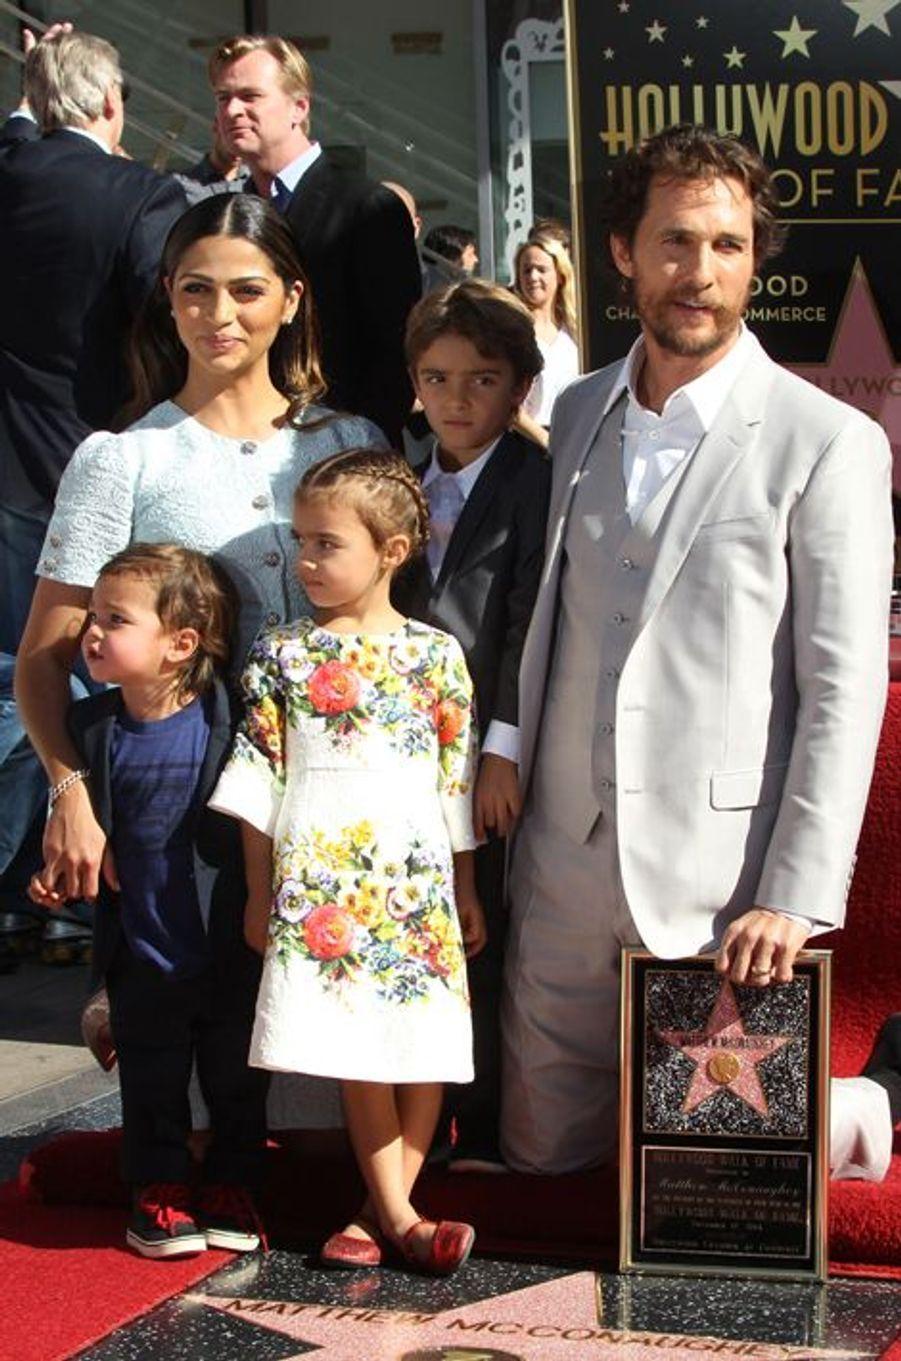 Matthew McConaughey entouré de sa femme, Camilla Alves, et de leurs trois enfants, à Los Angeles le 17 novembre 2014